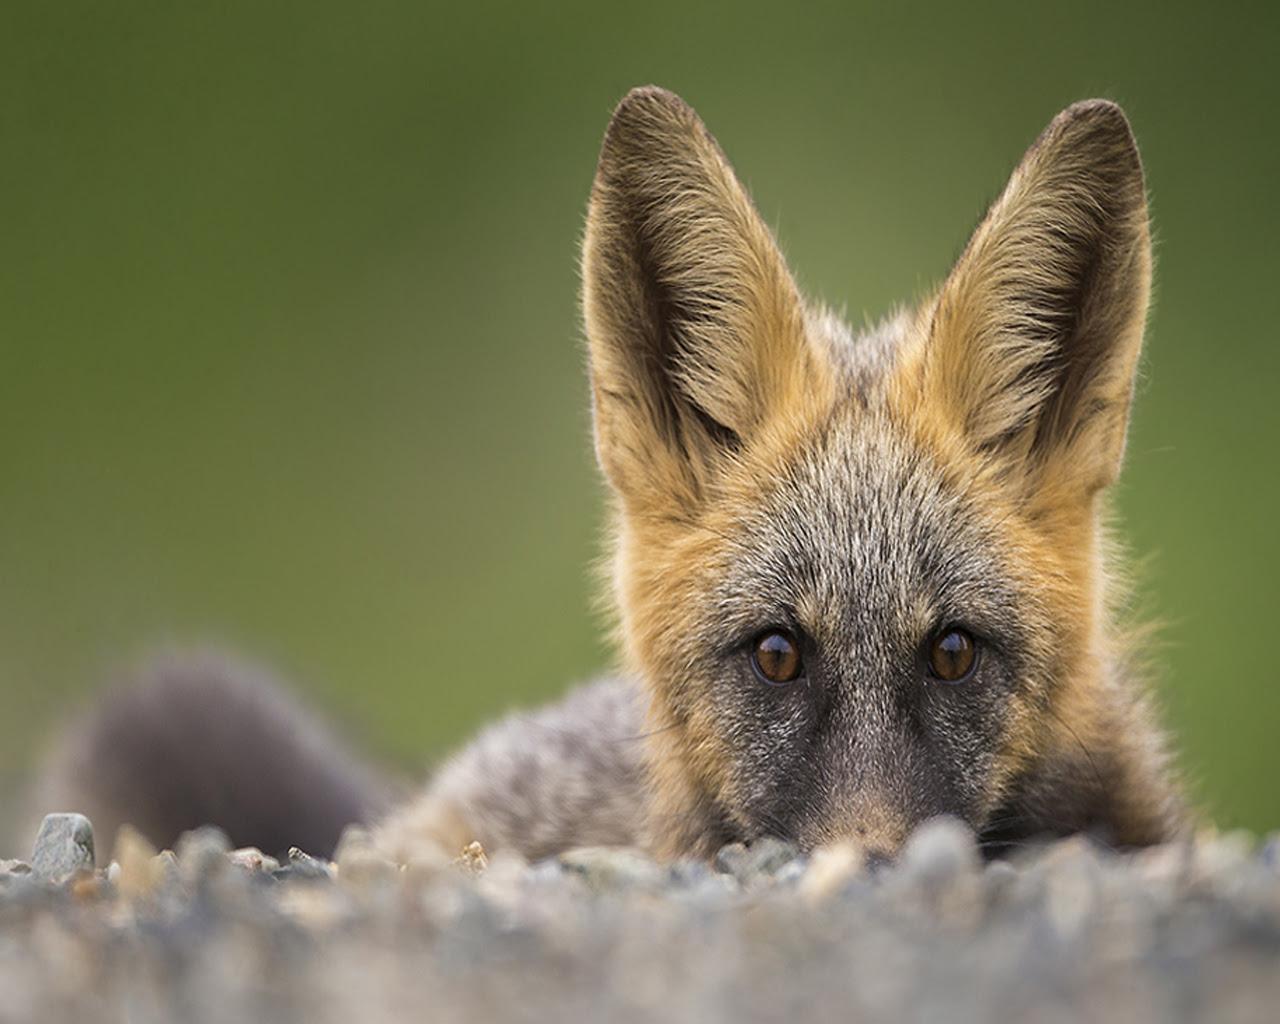 Peek-a-Boo Fox [1280x1024]